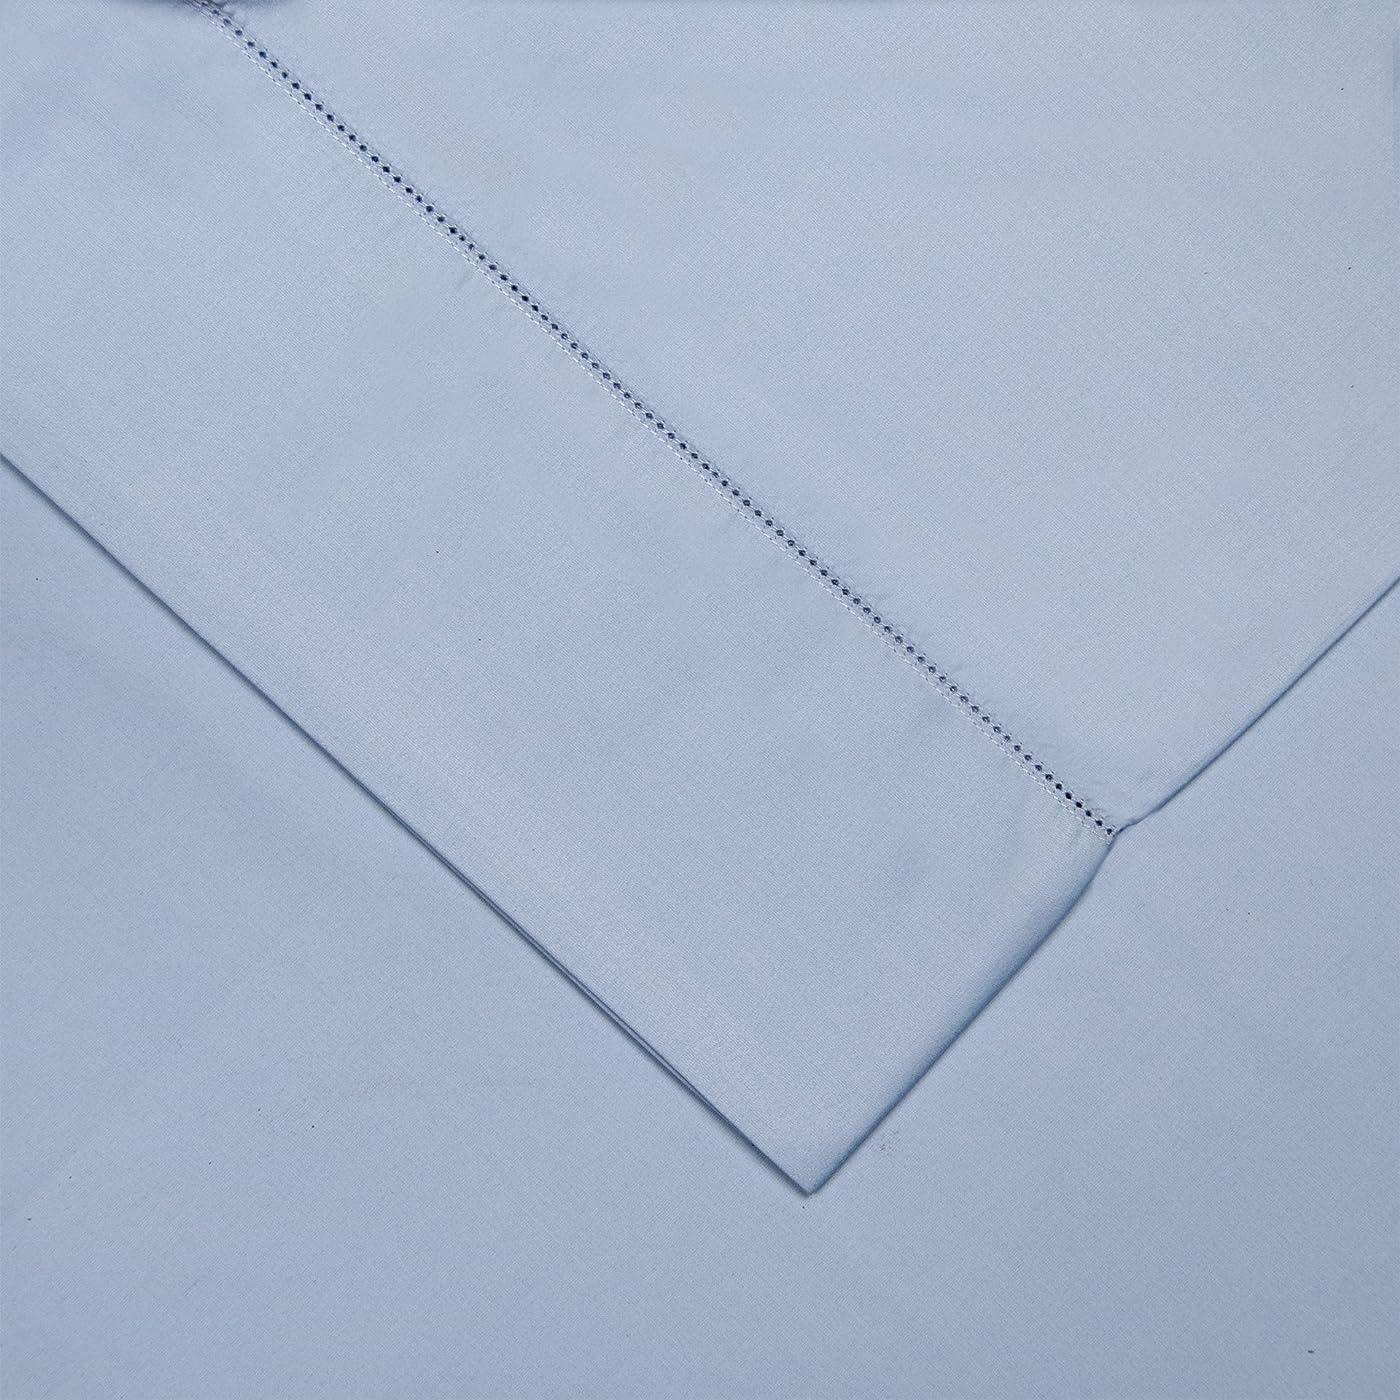 軍隊最悪手配するPointehaven 800 Thread Count Pima Cotton Pillowcases, Standard, Blue